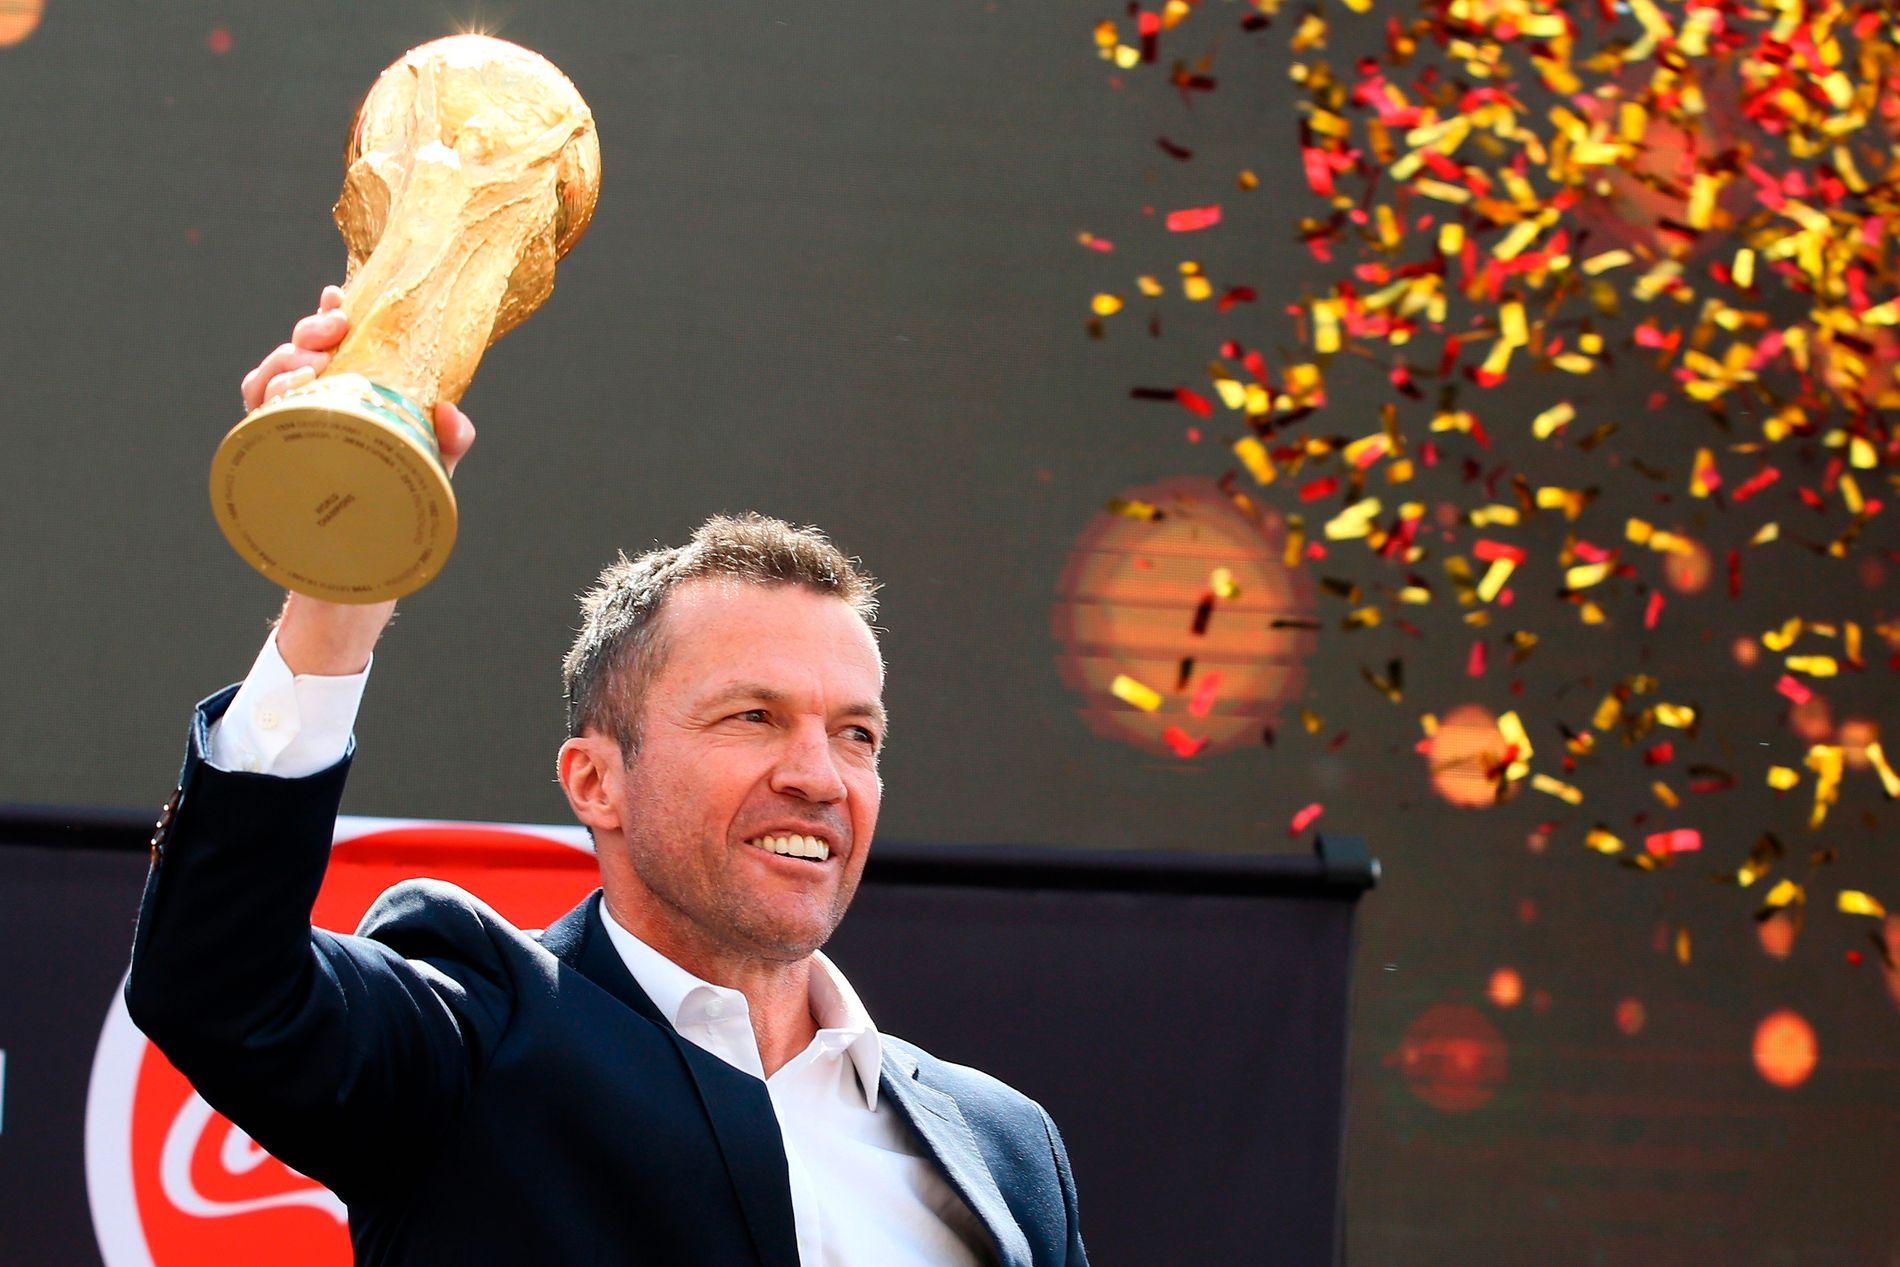 TILBAKE I VM: Lothar Matthäus er i VM som en av FIFAs inviterte legender.